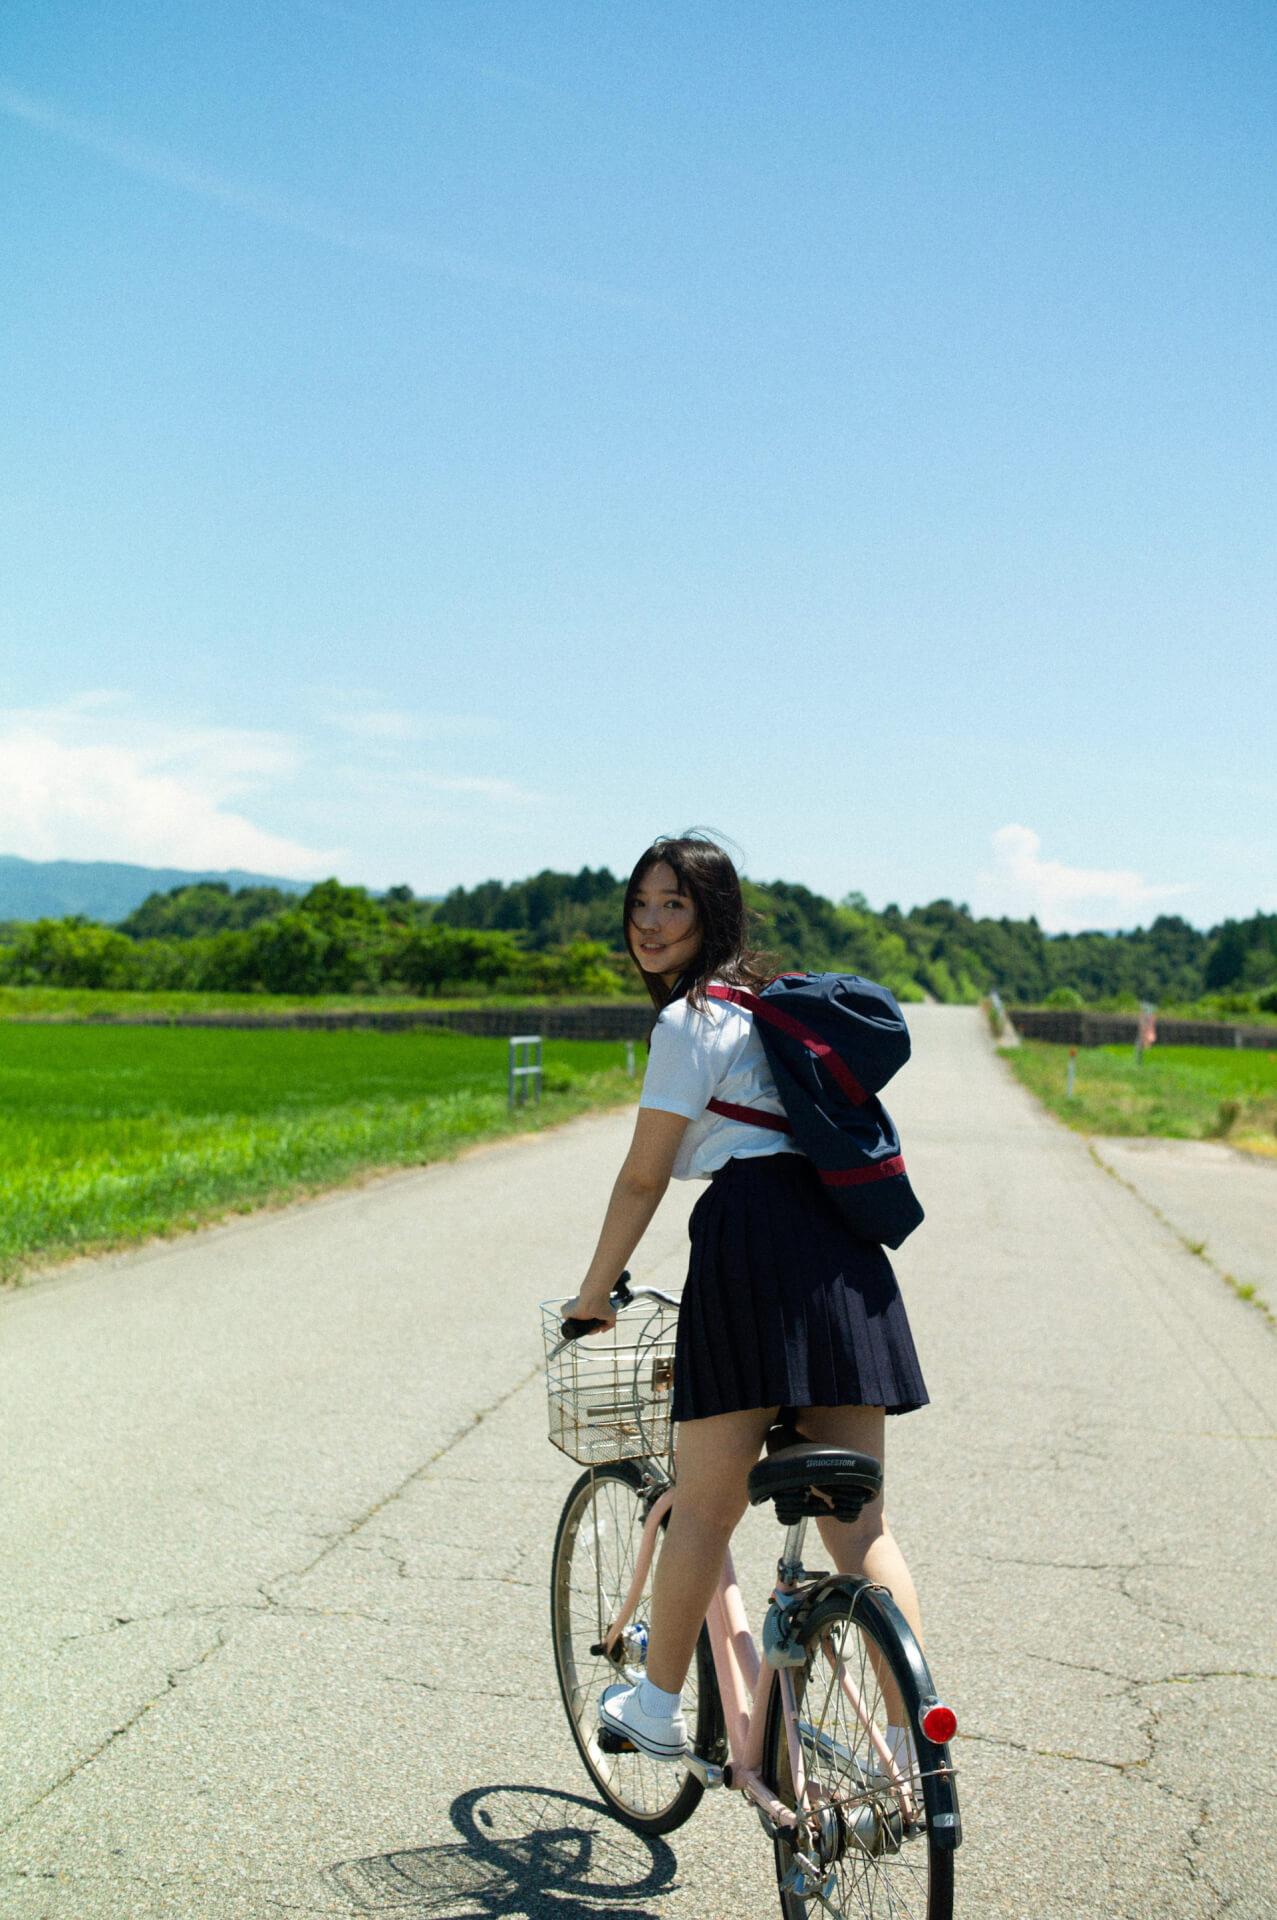 沢口愛華のセクシー美ボディ&キュートな笑顔が炸裂!映像&スチールを収録した『1st DVD&PHOTOBOOK』が発売決定 art210817_sawaguchiaika_3